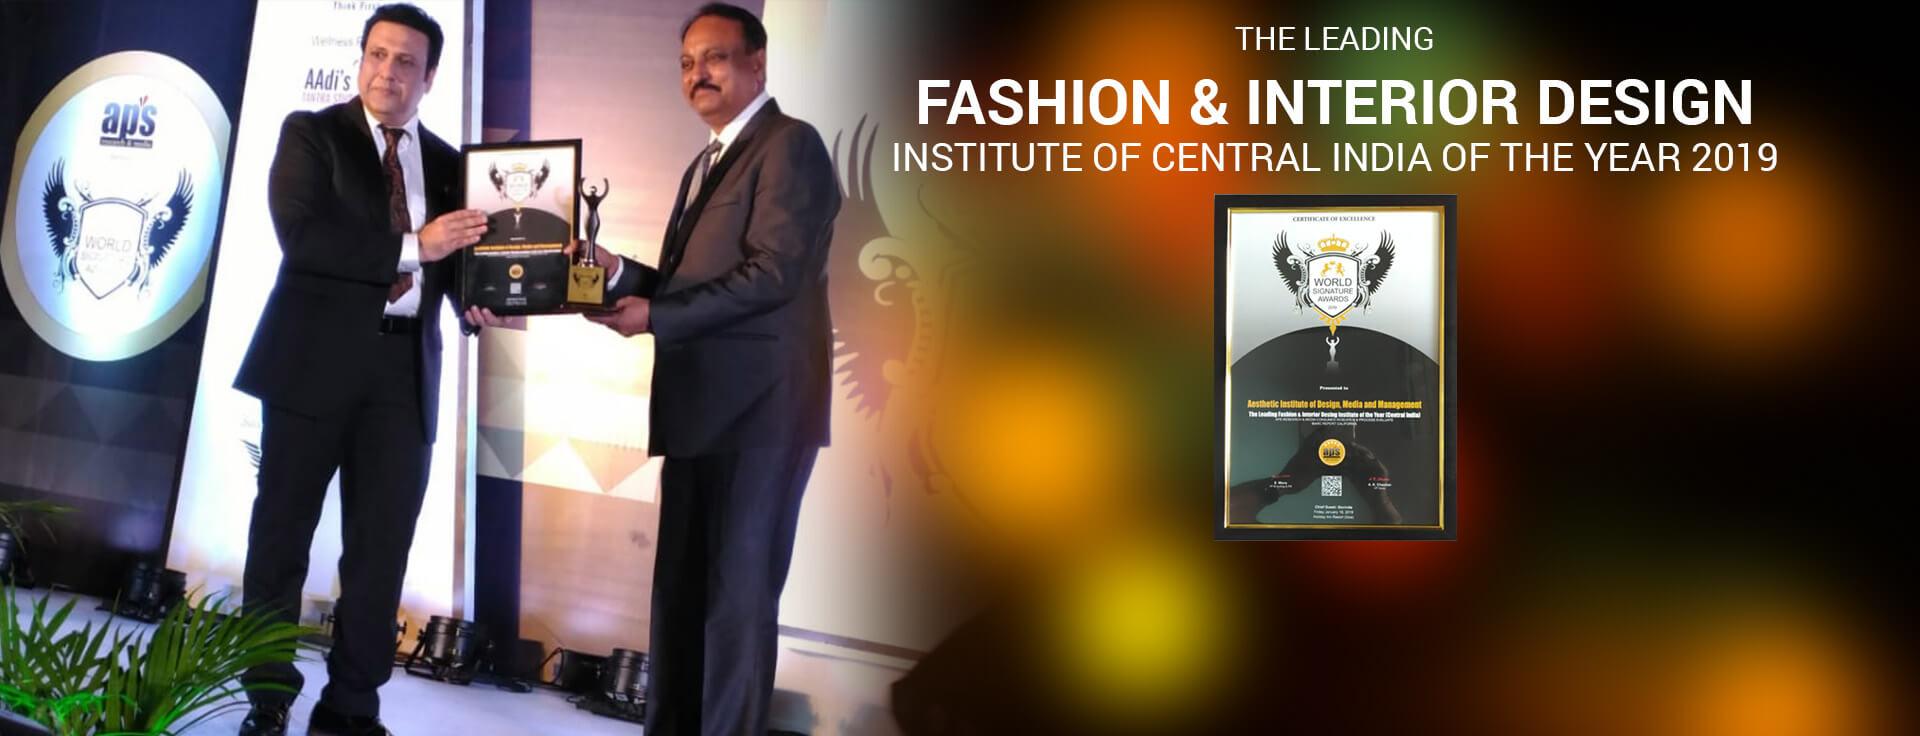 Aesthetic Institute Of Design Raipur Chhattisgarh Interior Designing In Raipur Chhattisgarh Fashion Designing In Raipur Chhattisgarh Apparel Merchandising In Raipur Chhattisgarh